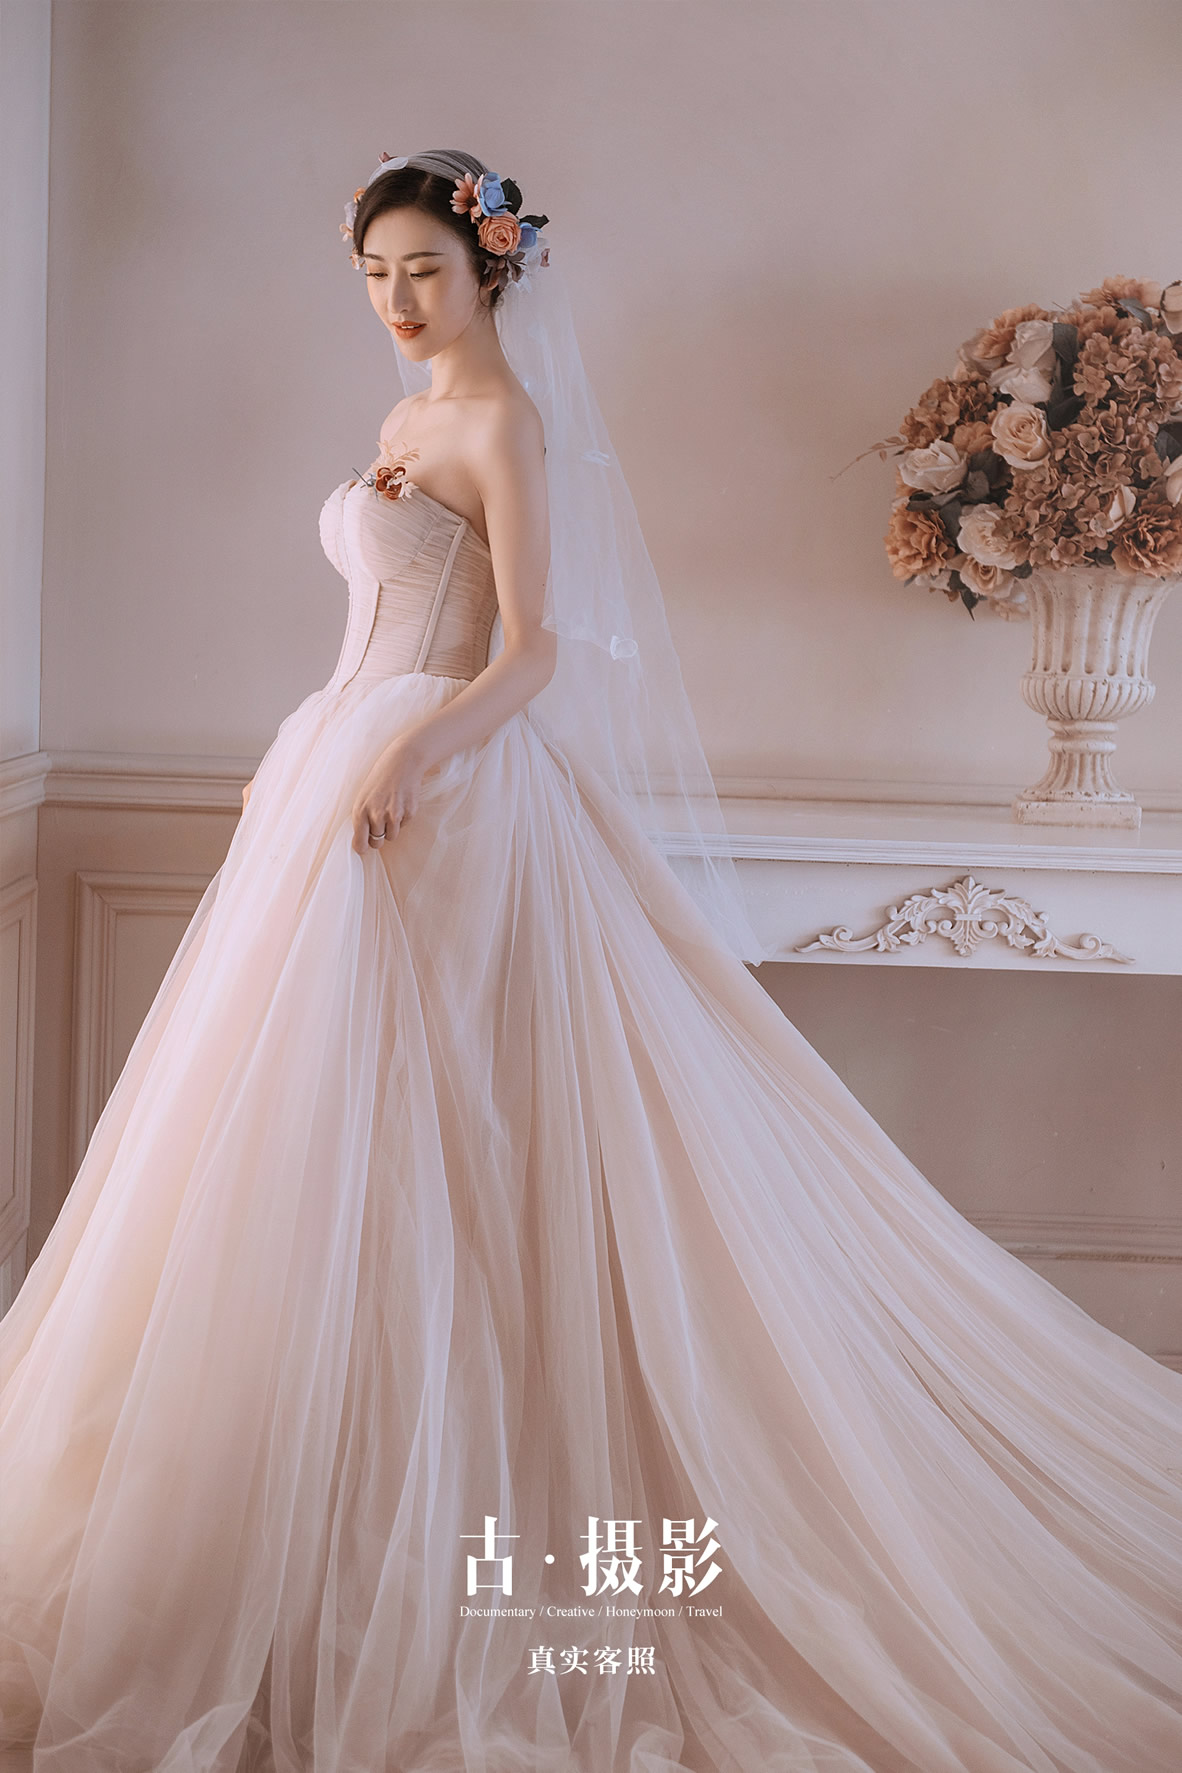 尹先生 童小姐 - 每日客照 - love昆明古摄影-昆明婚纱摄影网